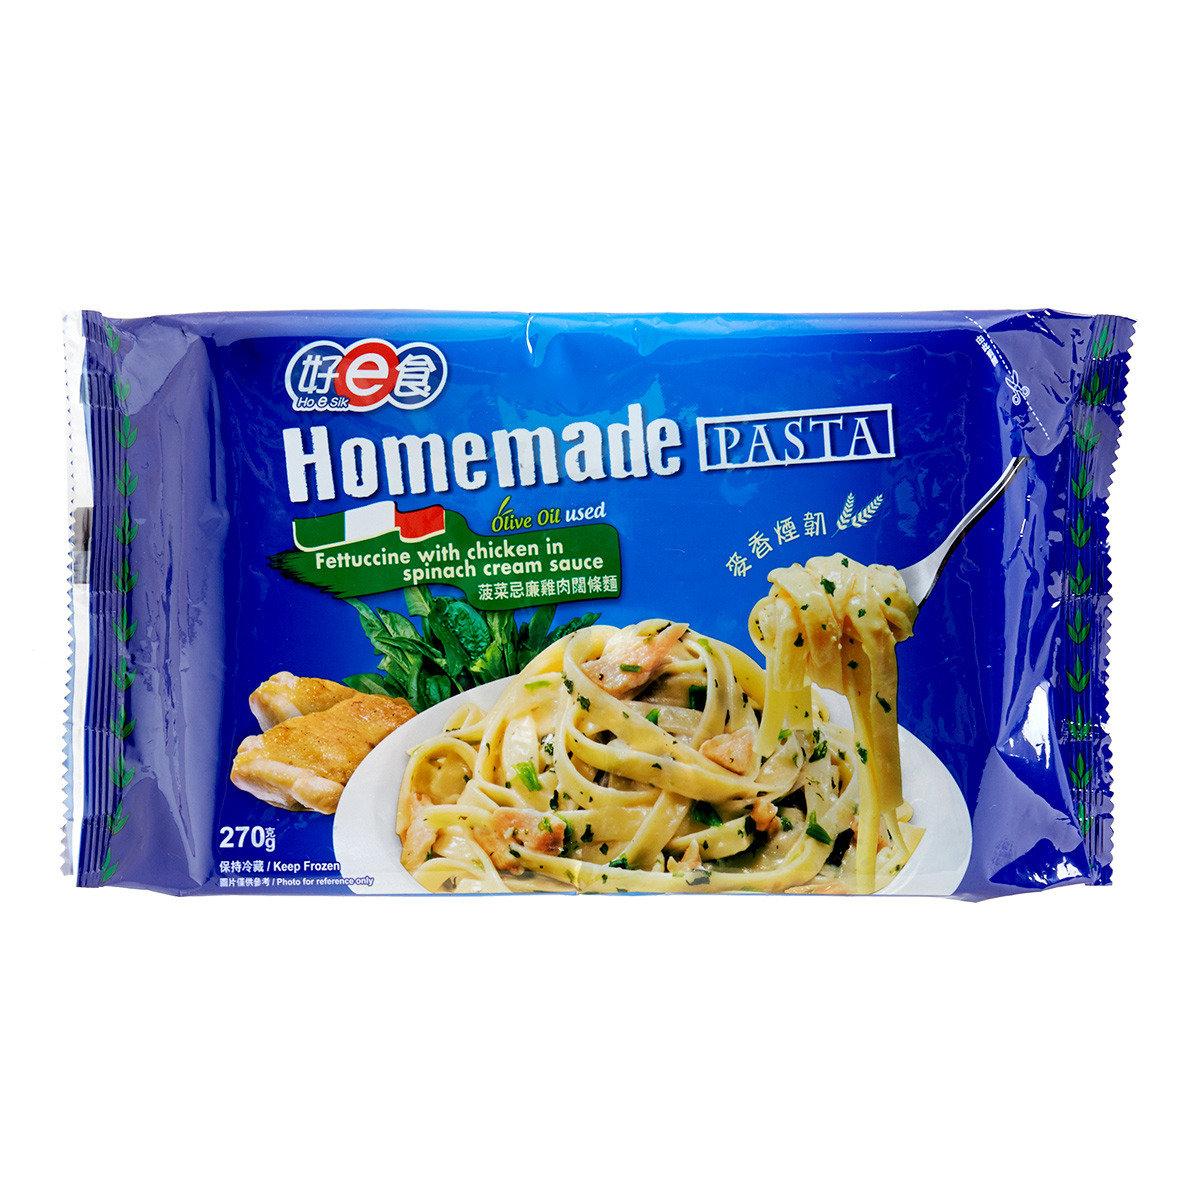 好e食 Homemade Pasta - 菠菜忌廉雞肉闊條麵 (急凍)